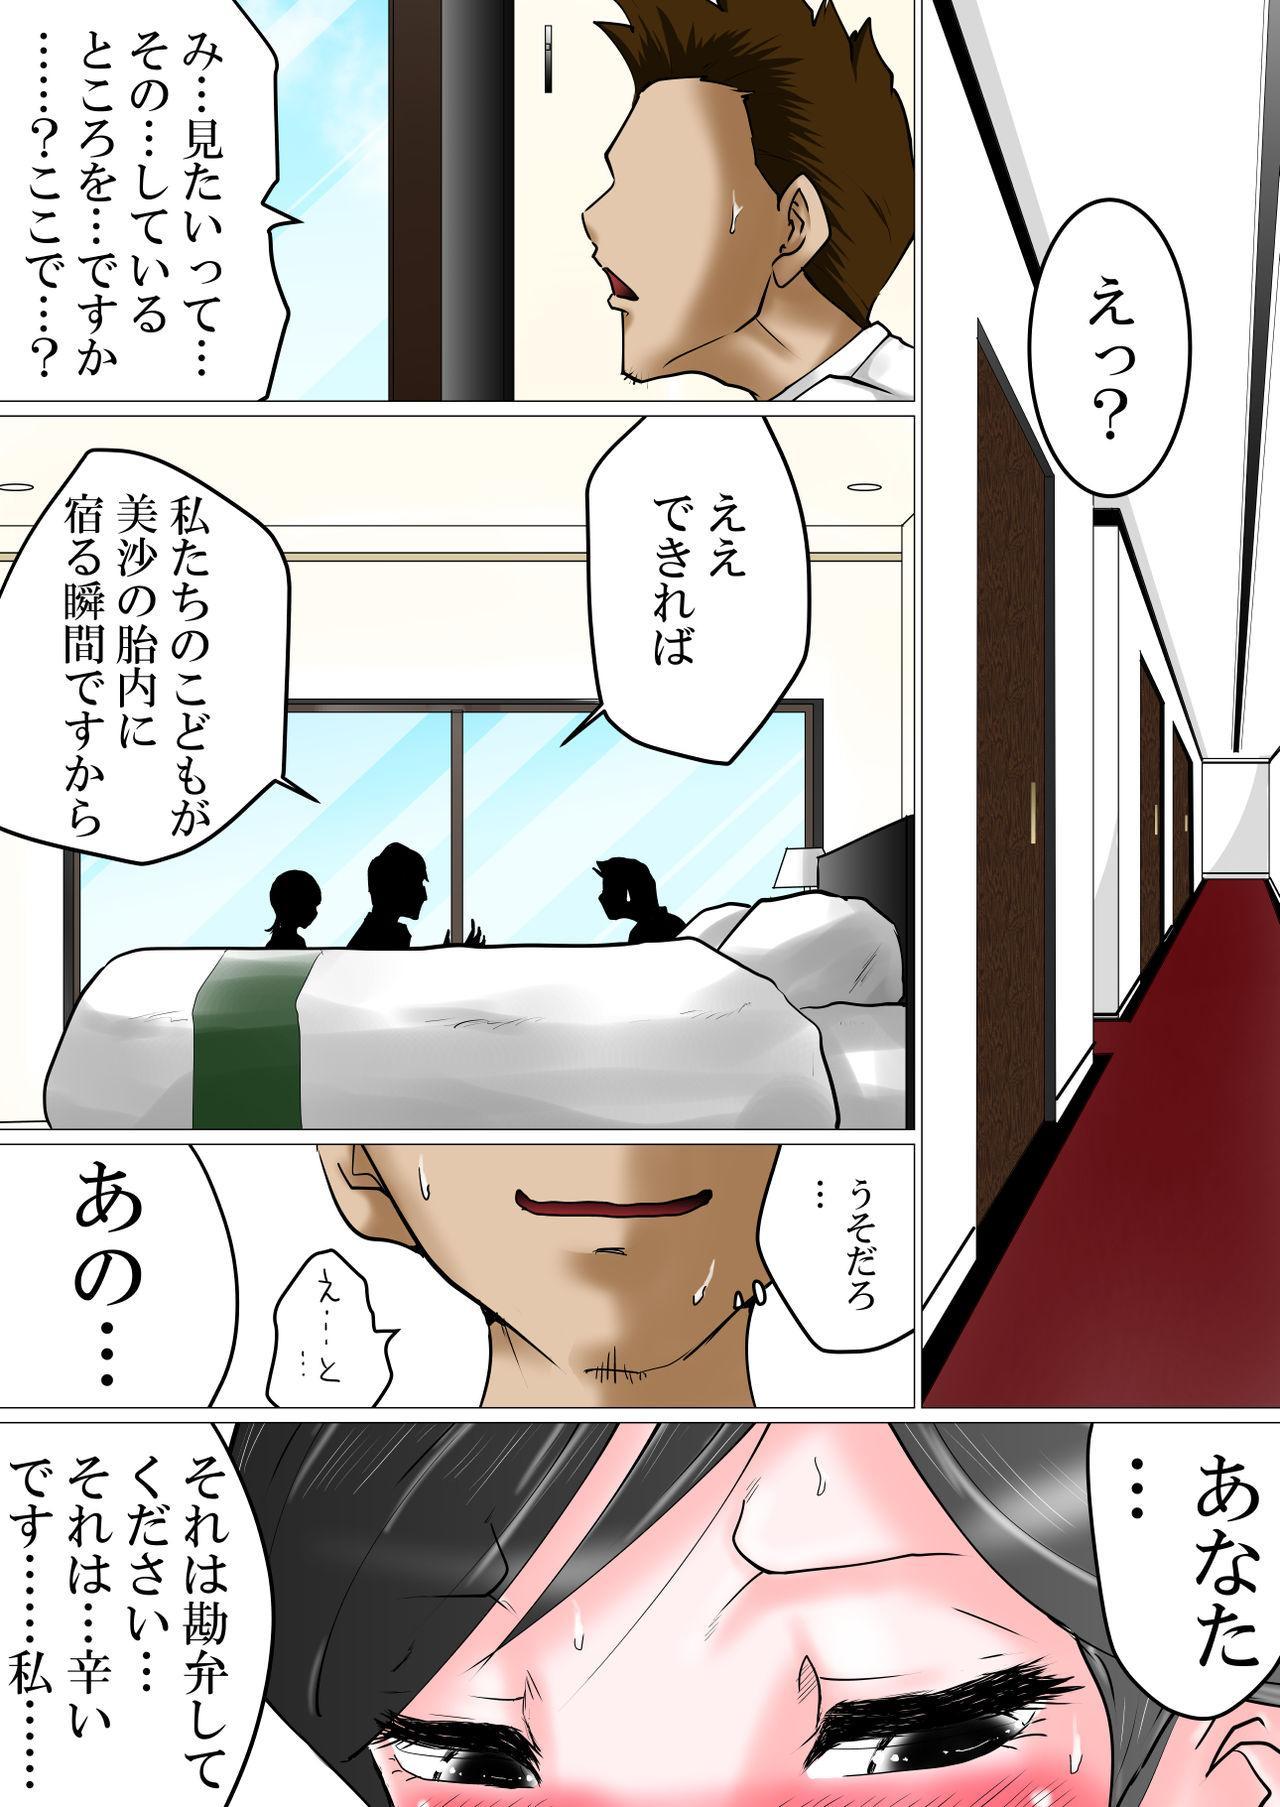 Tanetsuke Irai ~Funin ni Nayamu Fuufu ni Nakadashi o Irai Sareta Benriya no Hanashi 5